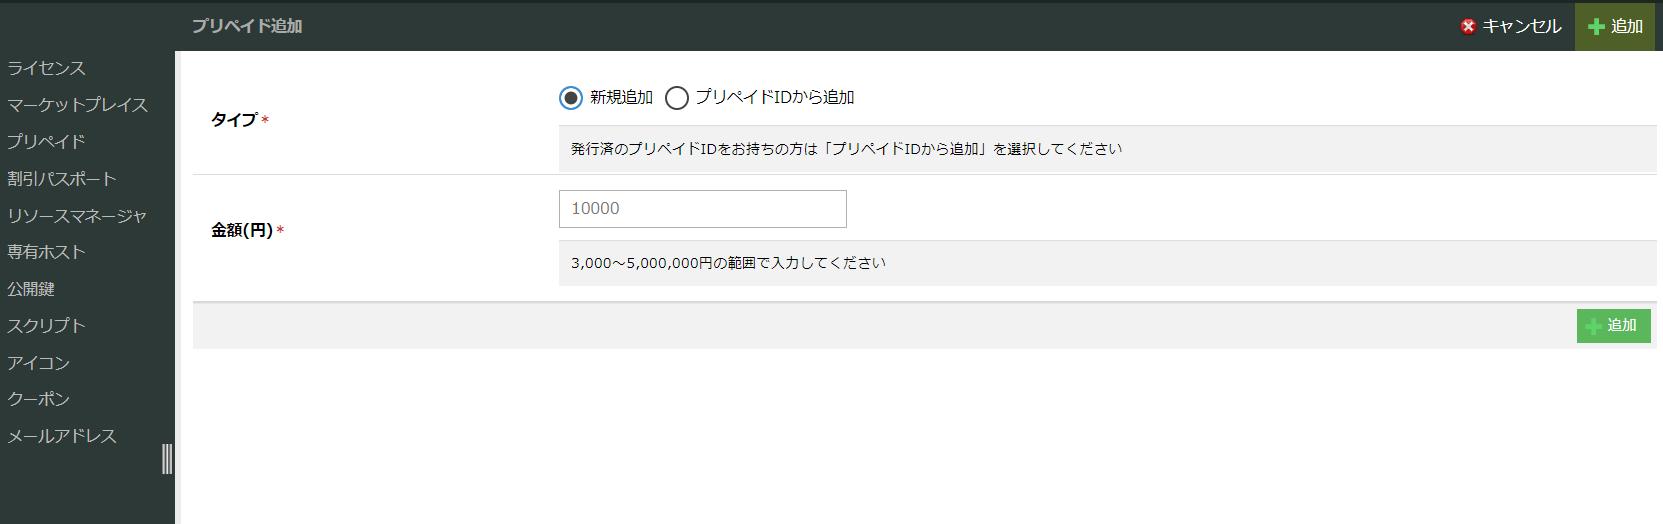 プリペイドの購入上限額を500万円に拡大しました